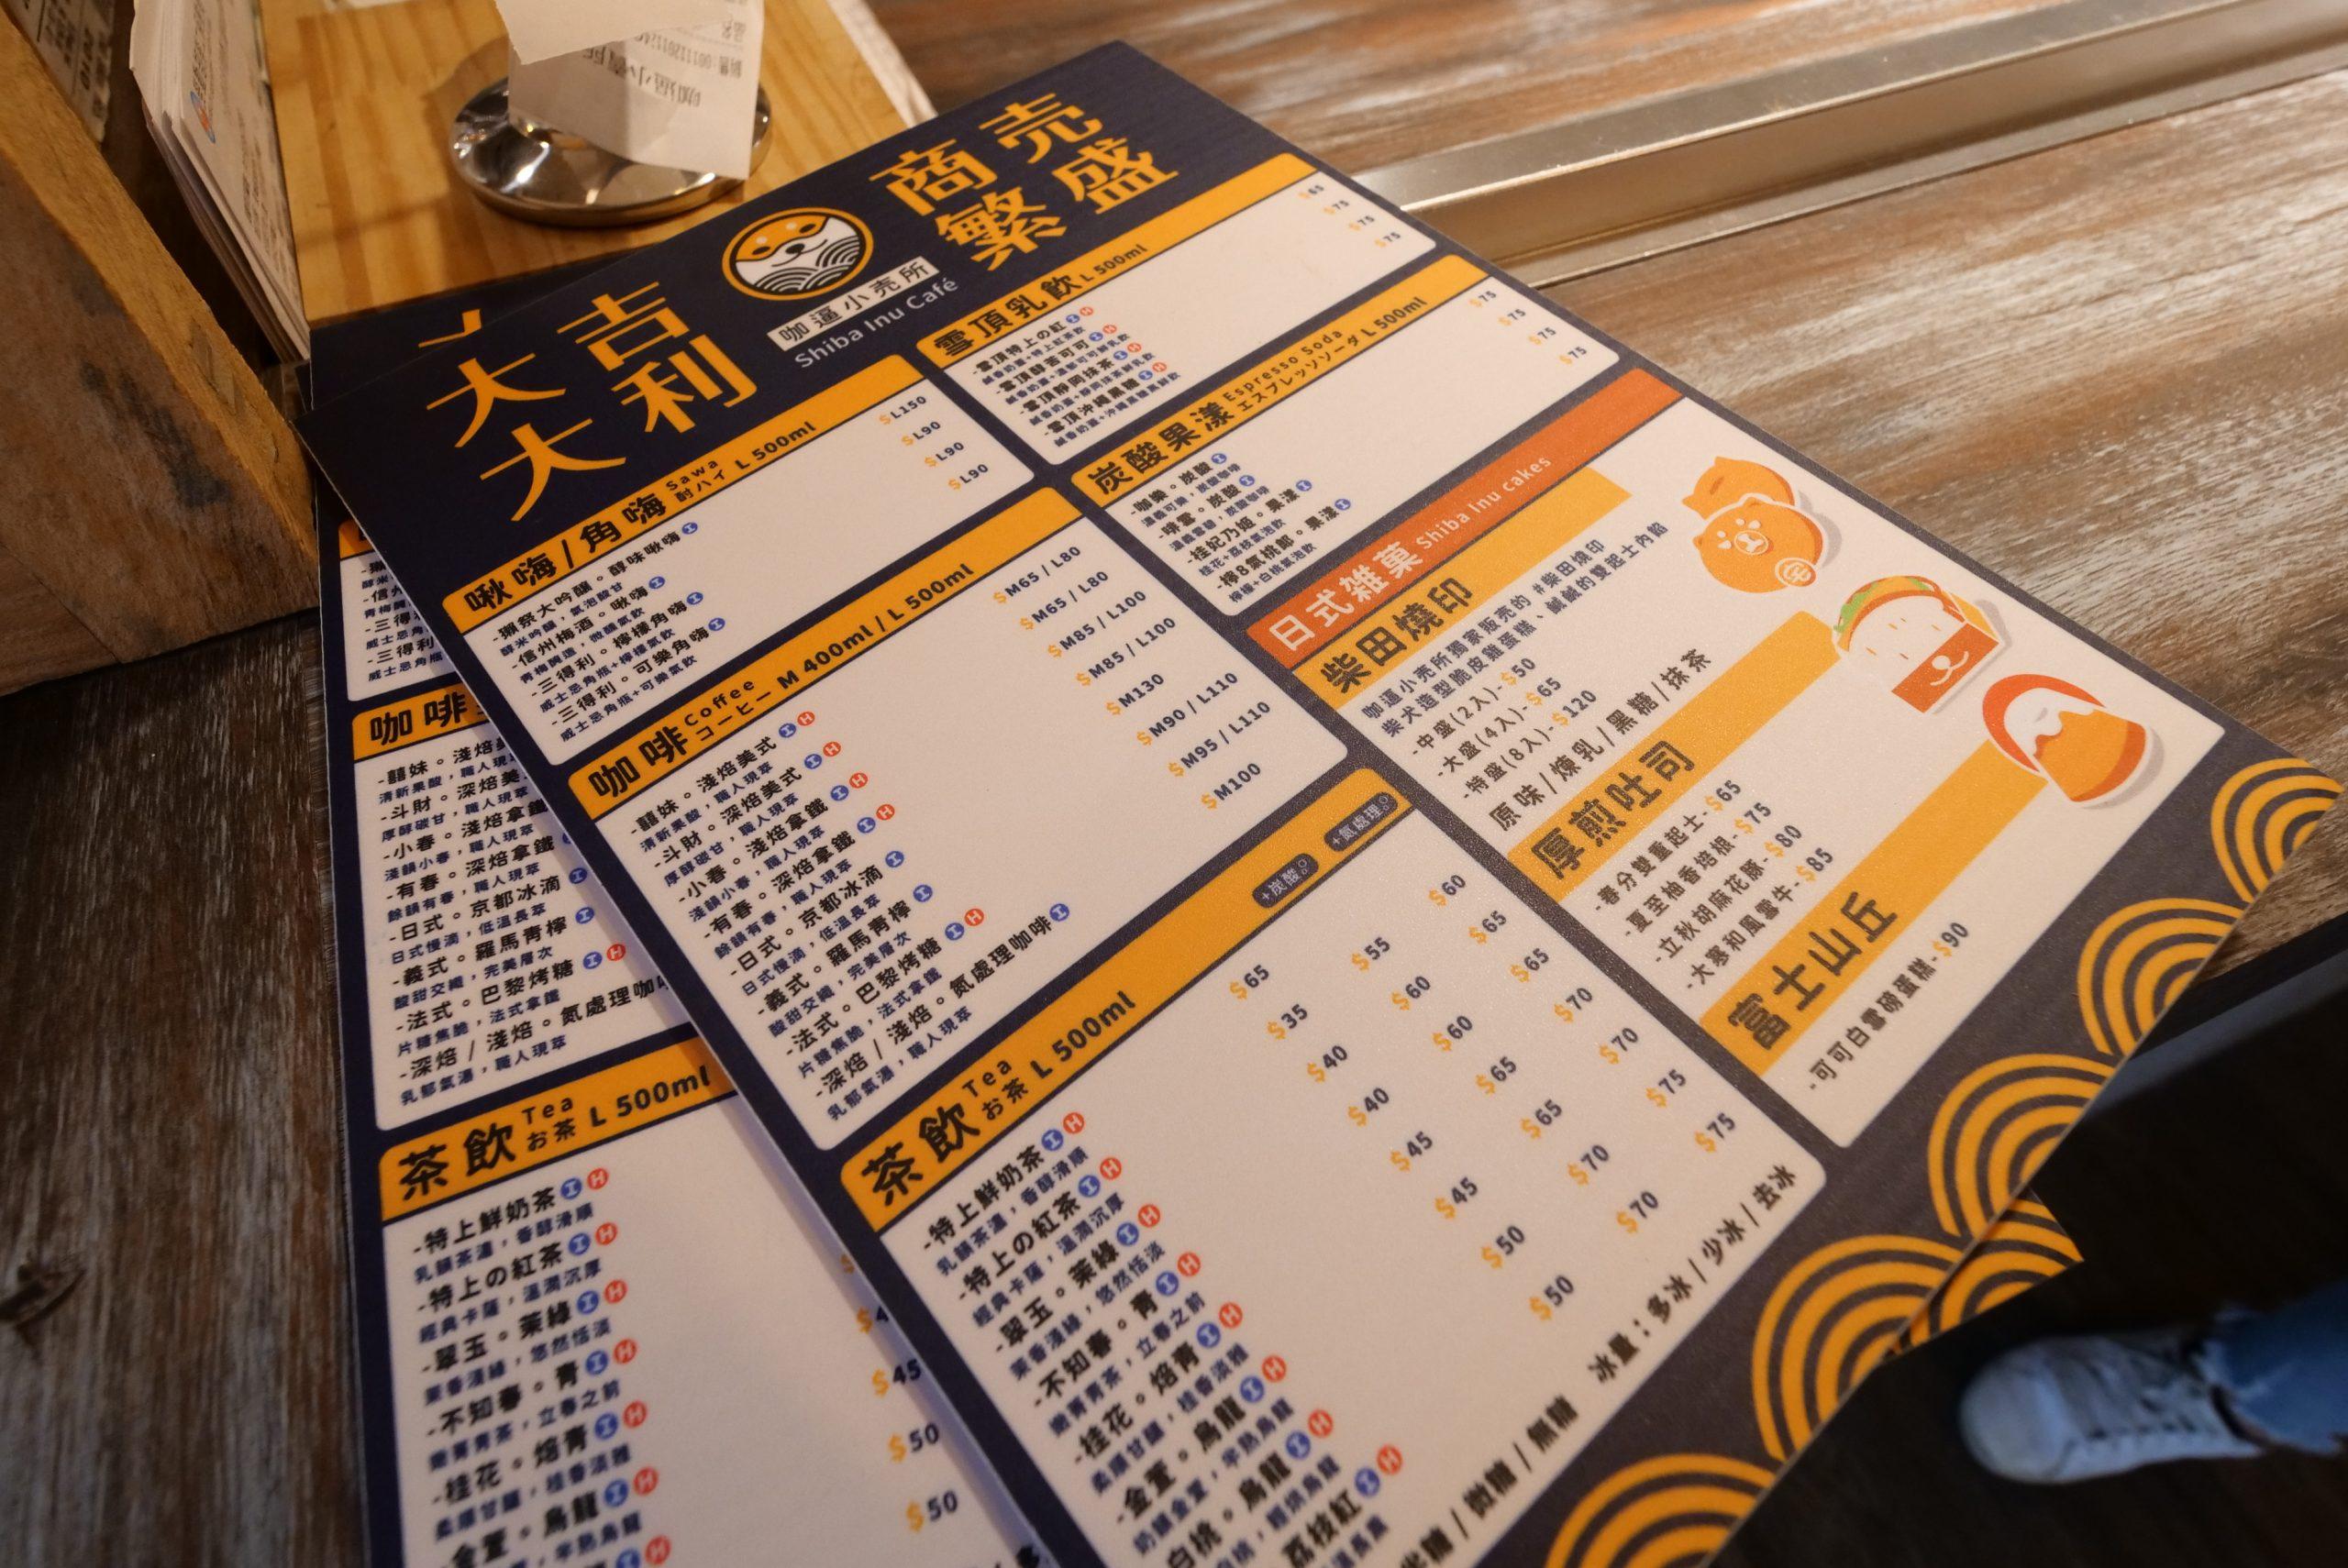 花蓮美食⎟咖逼小売所。柴田印燒好吃超吸睛,外帶咖啡也推薦! @捲捲頭 ♡ 品味生活